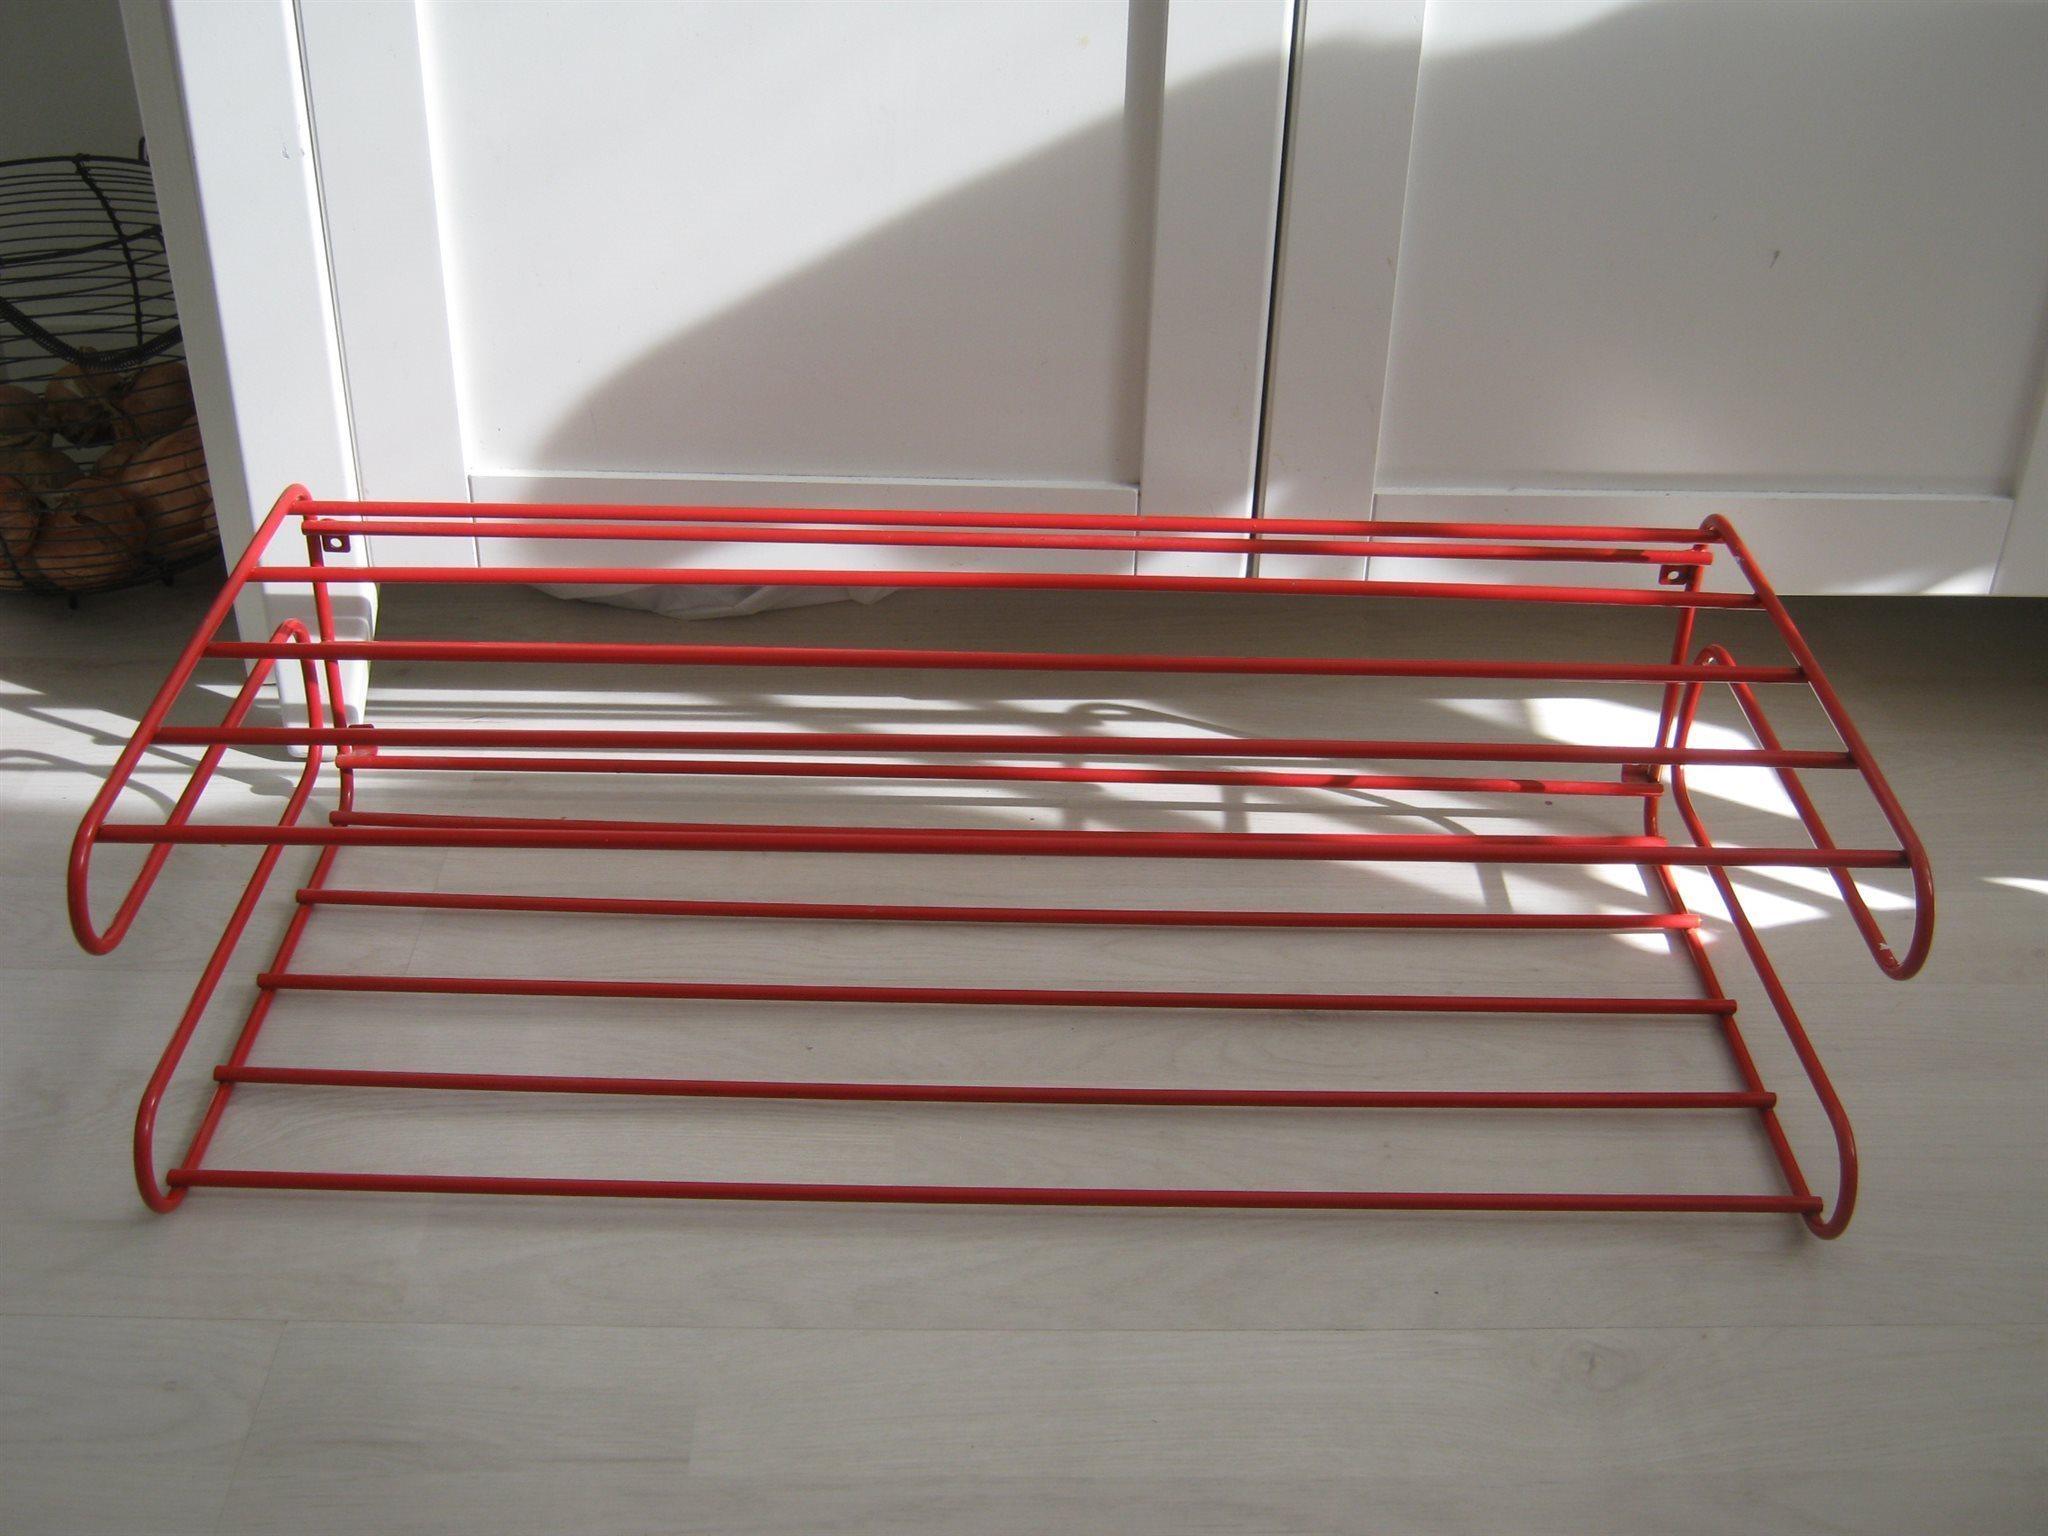 Skohylla Ikea på Tradera com Hallmöbler Möbler Hem& Hushåll